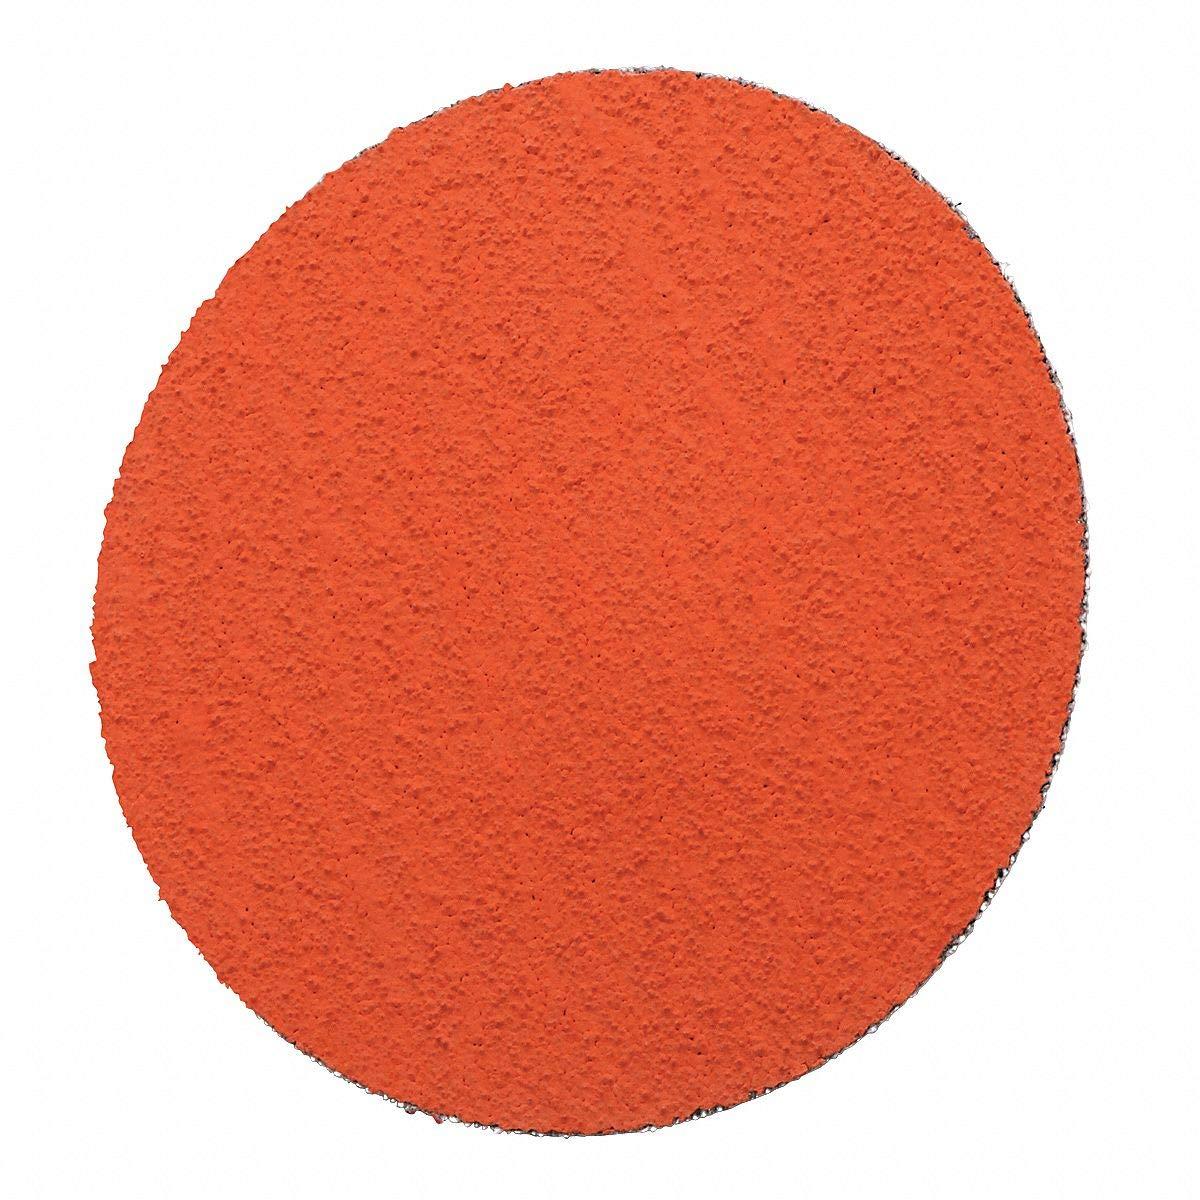 12'' Coated PSA Sanding Disc, 80 Grit, Non-Vacuum, Coarse Grade, Ceramic 10, PK - pkg. of 10 by CAI - 3M (Image #1)